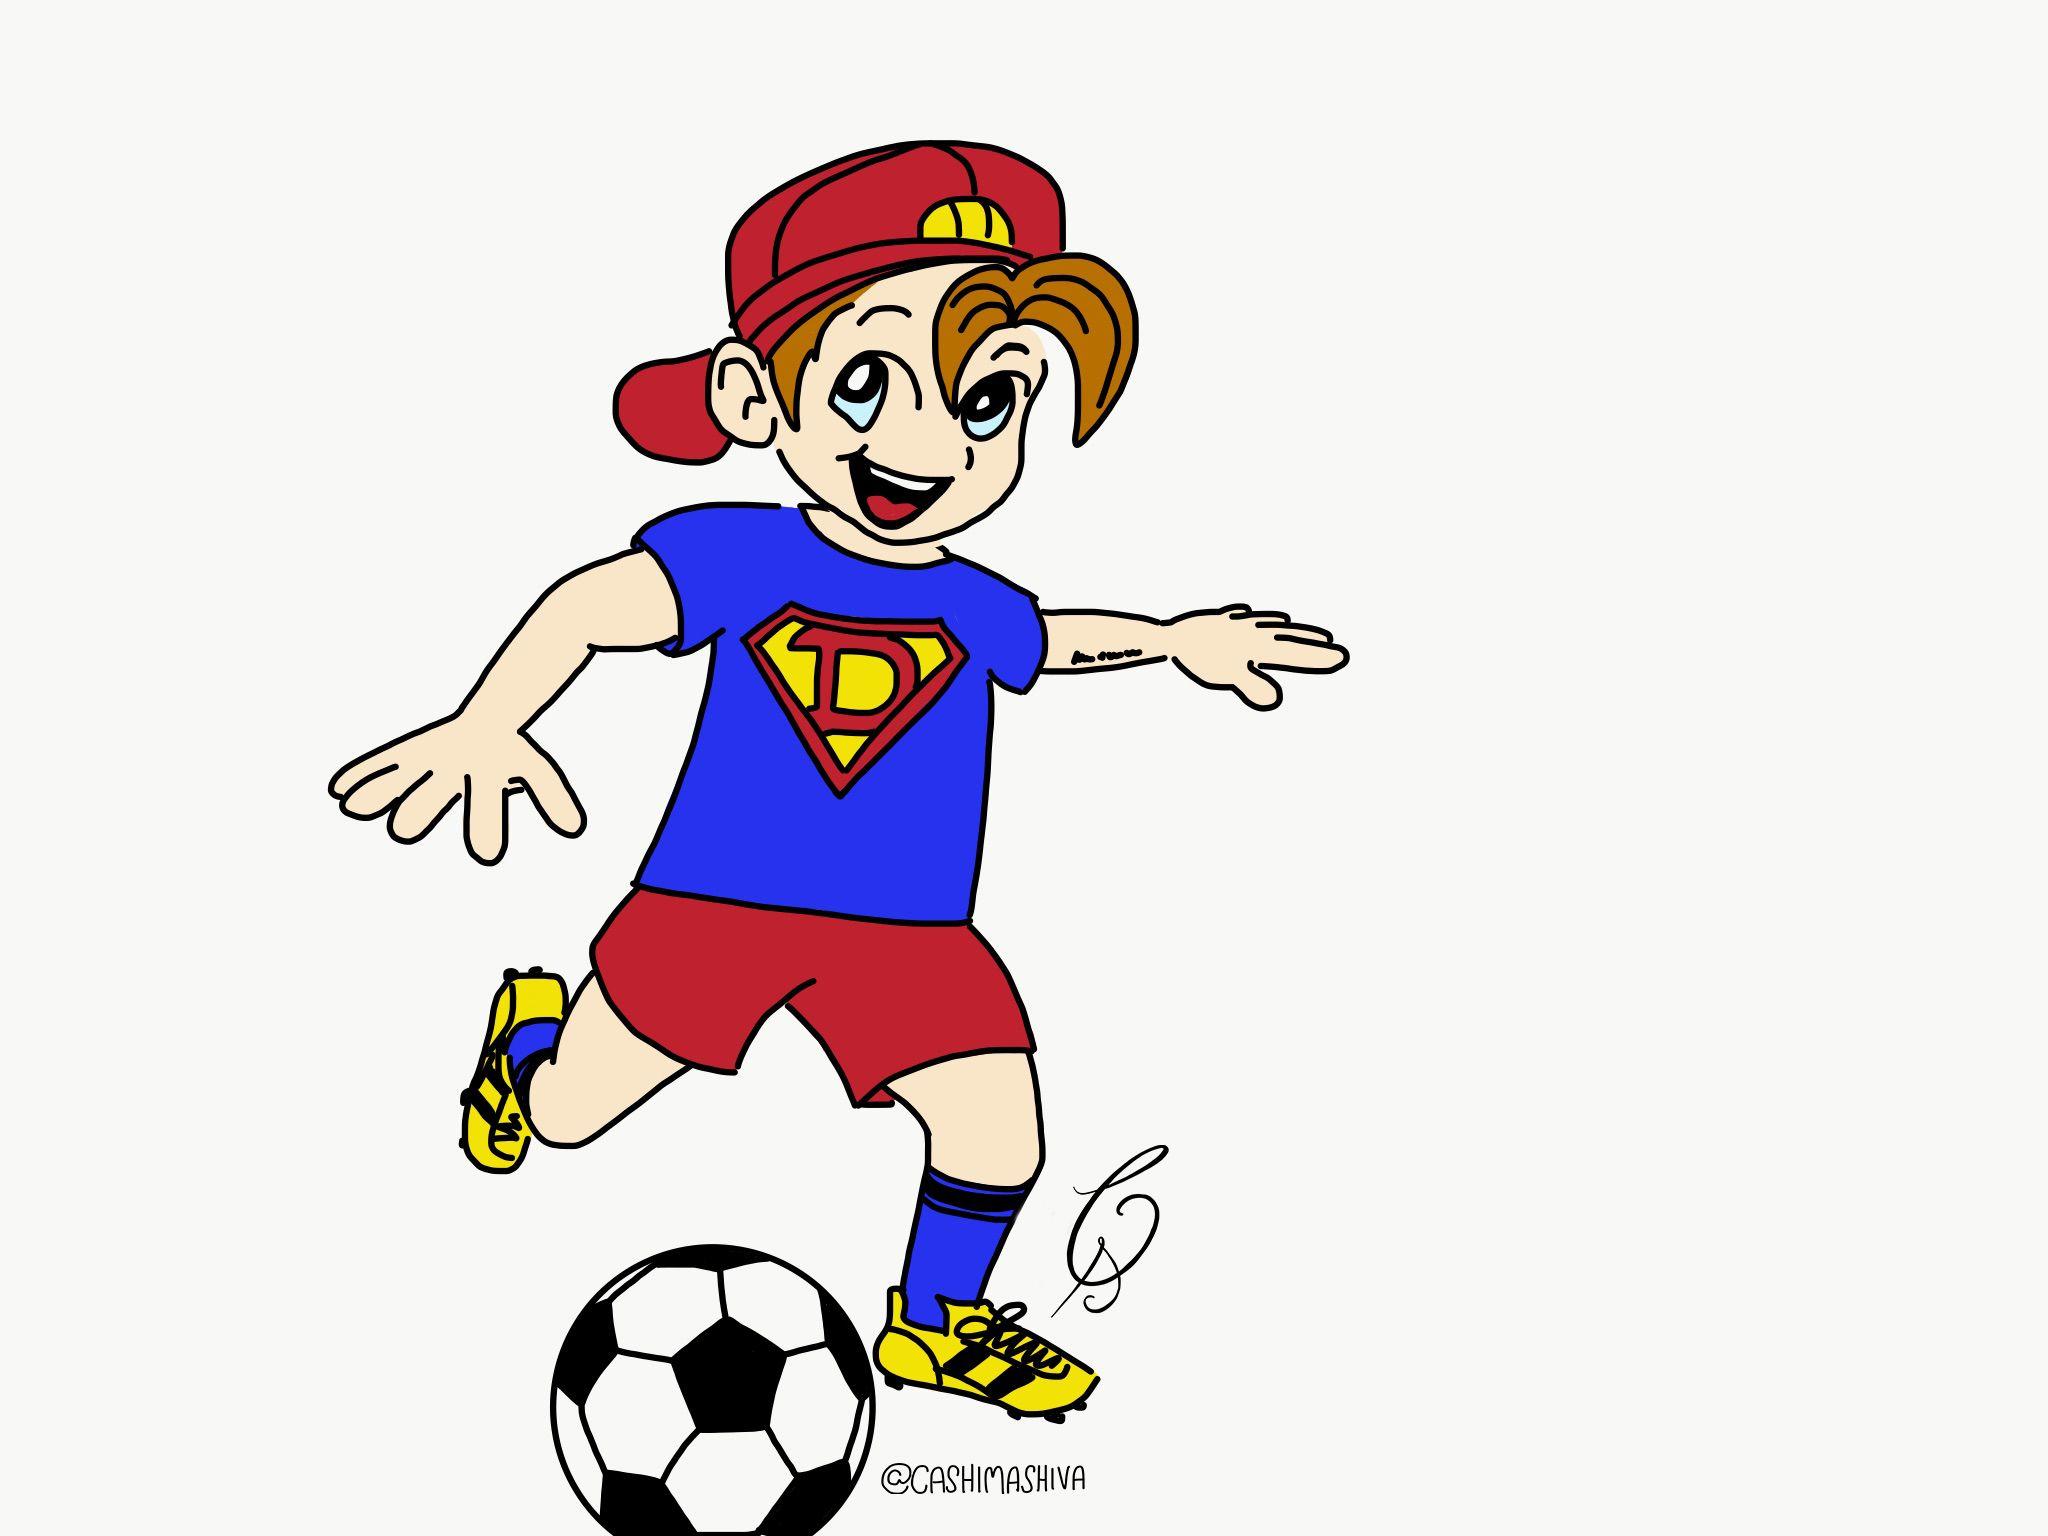 #fussball #junge #comic @cashimashiva www.cashimashiva.com Fussball, Jungs, Skizze Notizen, Kritzeleien, Skizzen, Comics, Jungen, Kunst